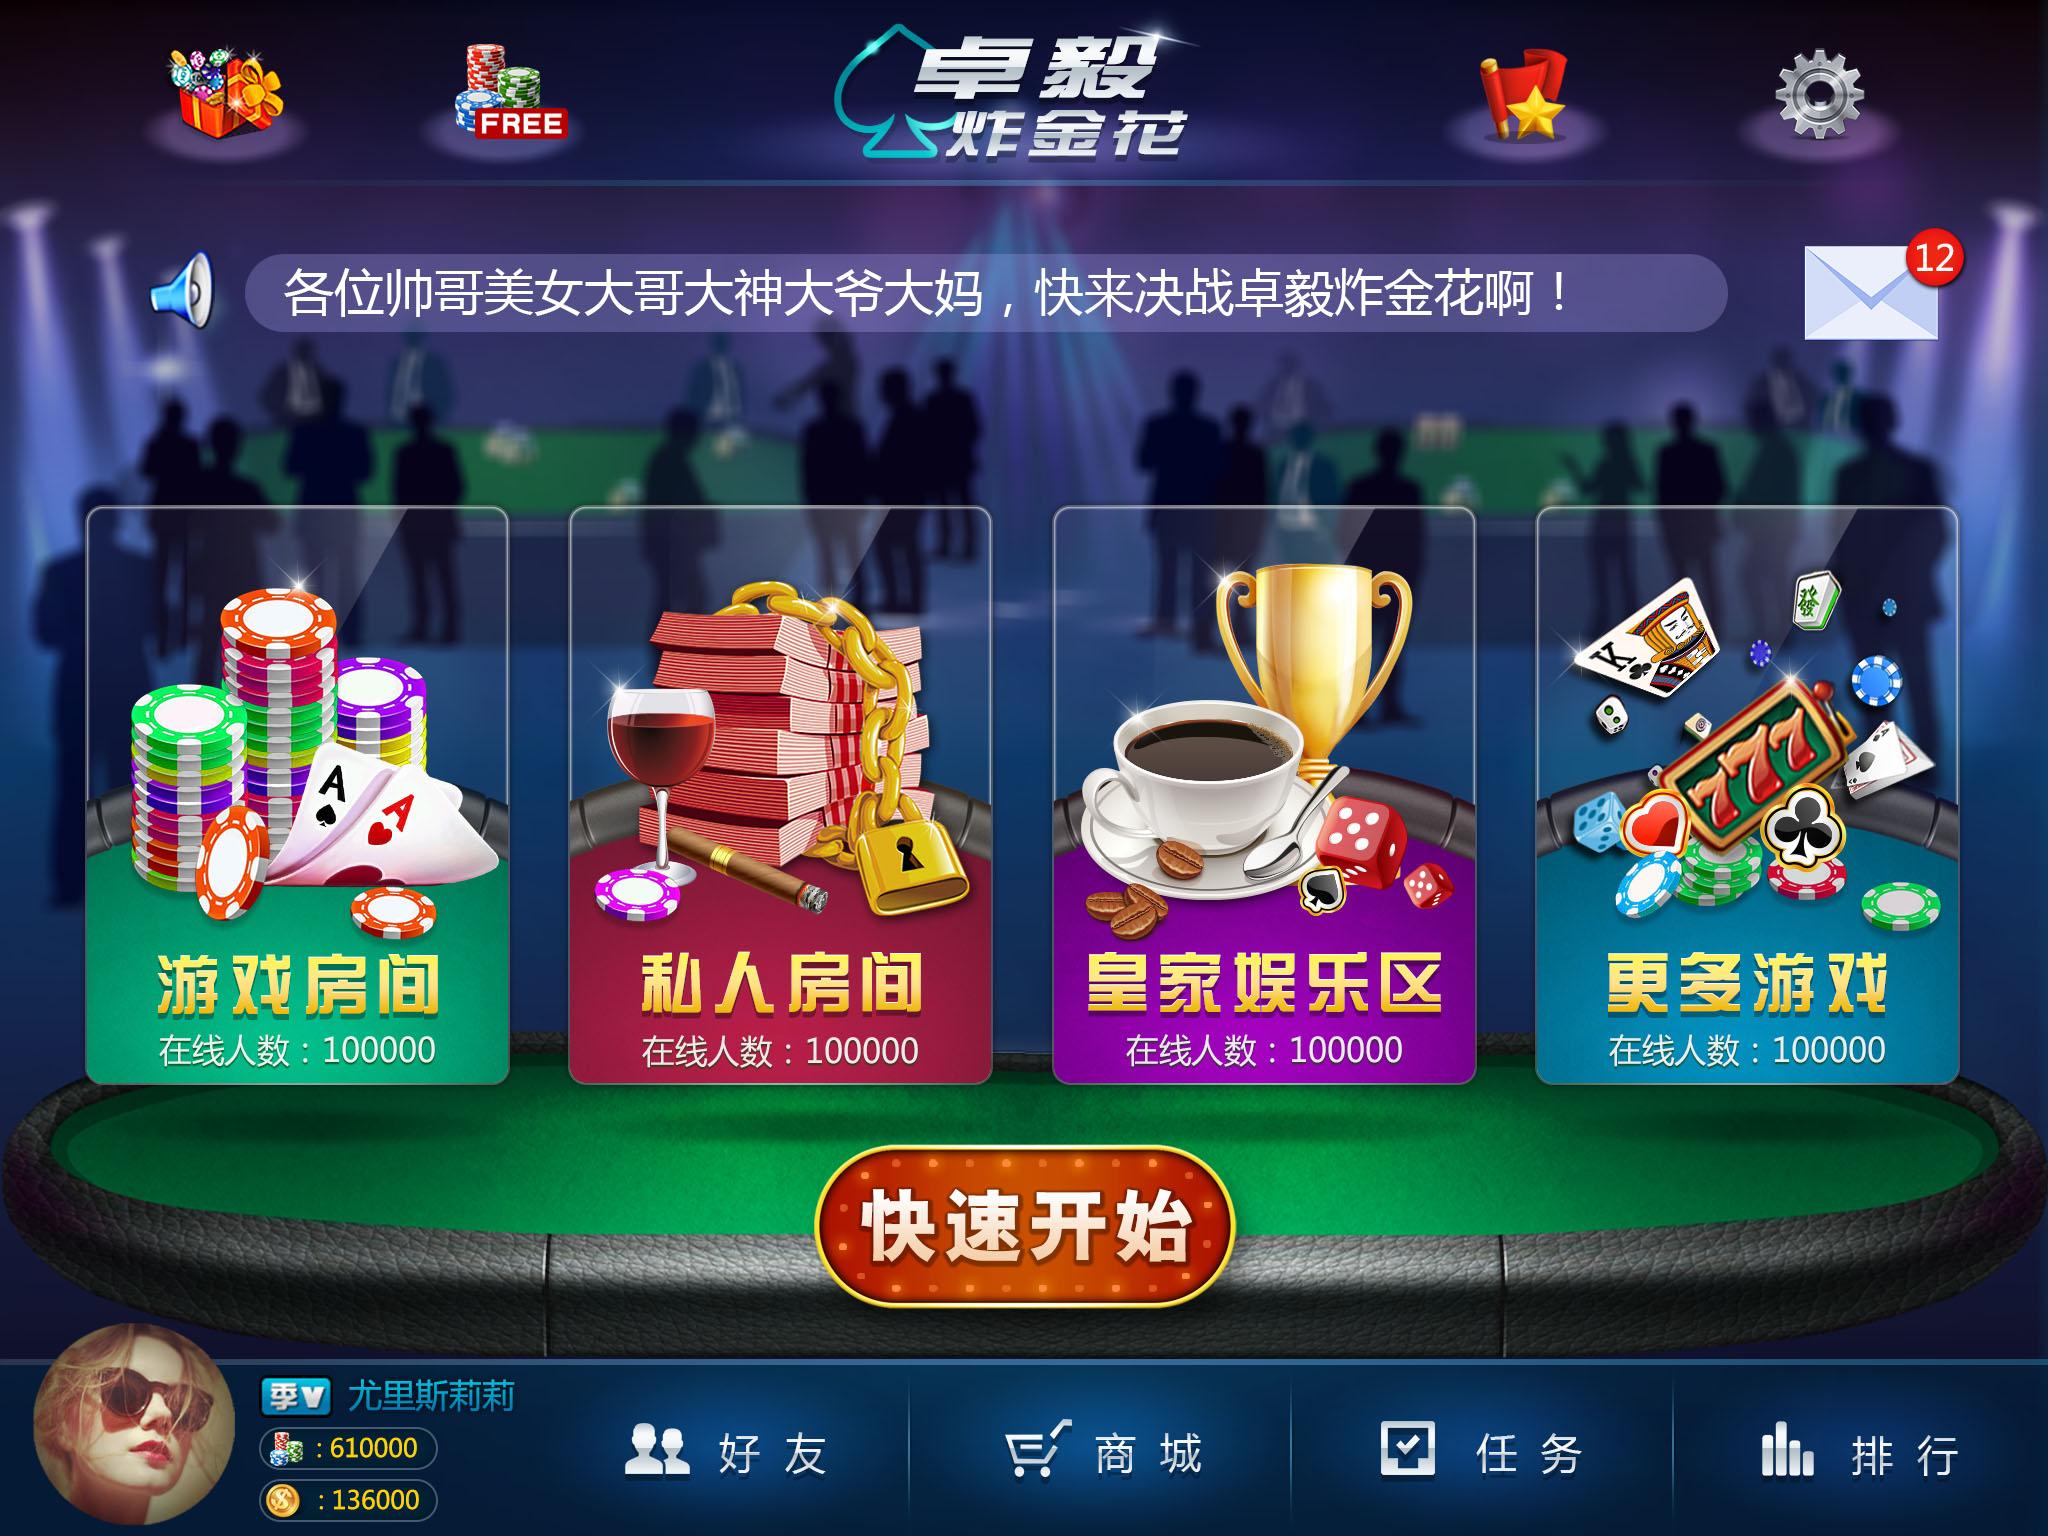 最火软件站提供万豪棋牌游戏中心下载,万豪棋牌游戏中心 是专门为广大的网络玩家准备的一款以休闲娱乐为主的棋牌游戏平台,可以让你体验街机游戏和棋牌游戏,包括斗地.'万豪棋牌娱乐中心'是一款专业的休闲棋牌类游戏娱乐平台。为了方便各位有需要的iOS及安卓手机用户下载使用,小编将通过最新的'万豪棋牌大厅下载专题',为广大玩.【桐乡本地游】桐乡本地的棋牌游戏平台-商家自荐-嘉兴19桐乡游戏楼